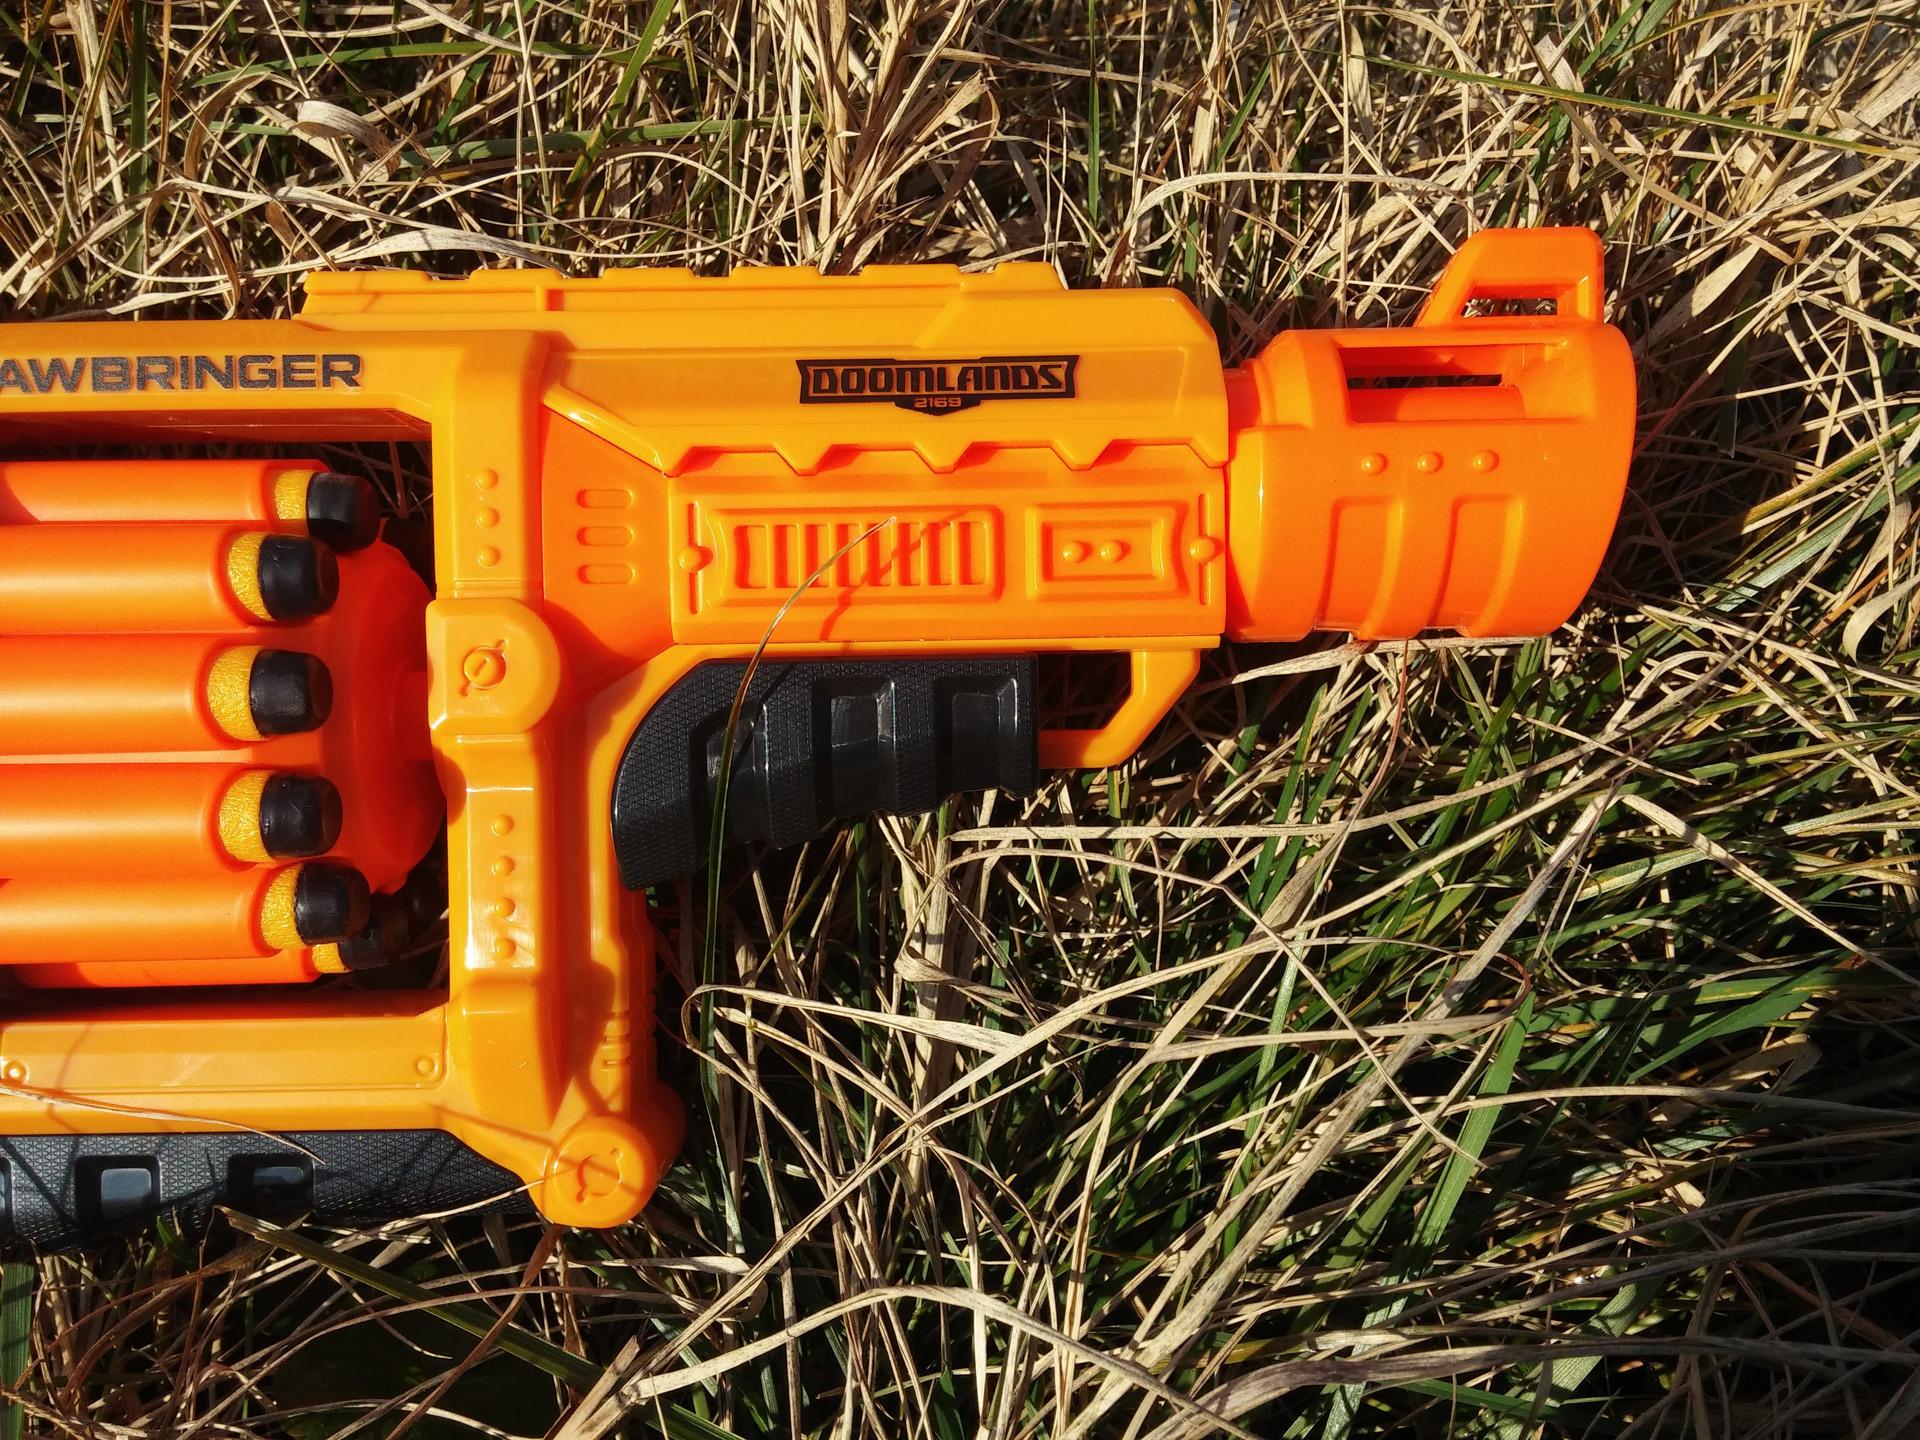 Nerf Doomlands Lawbringer (4)